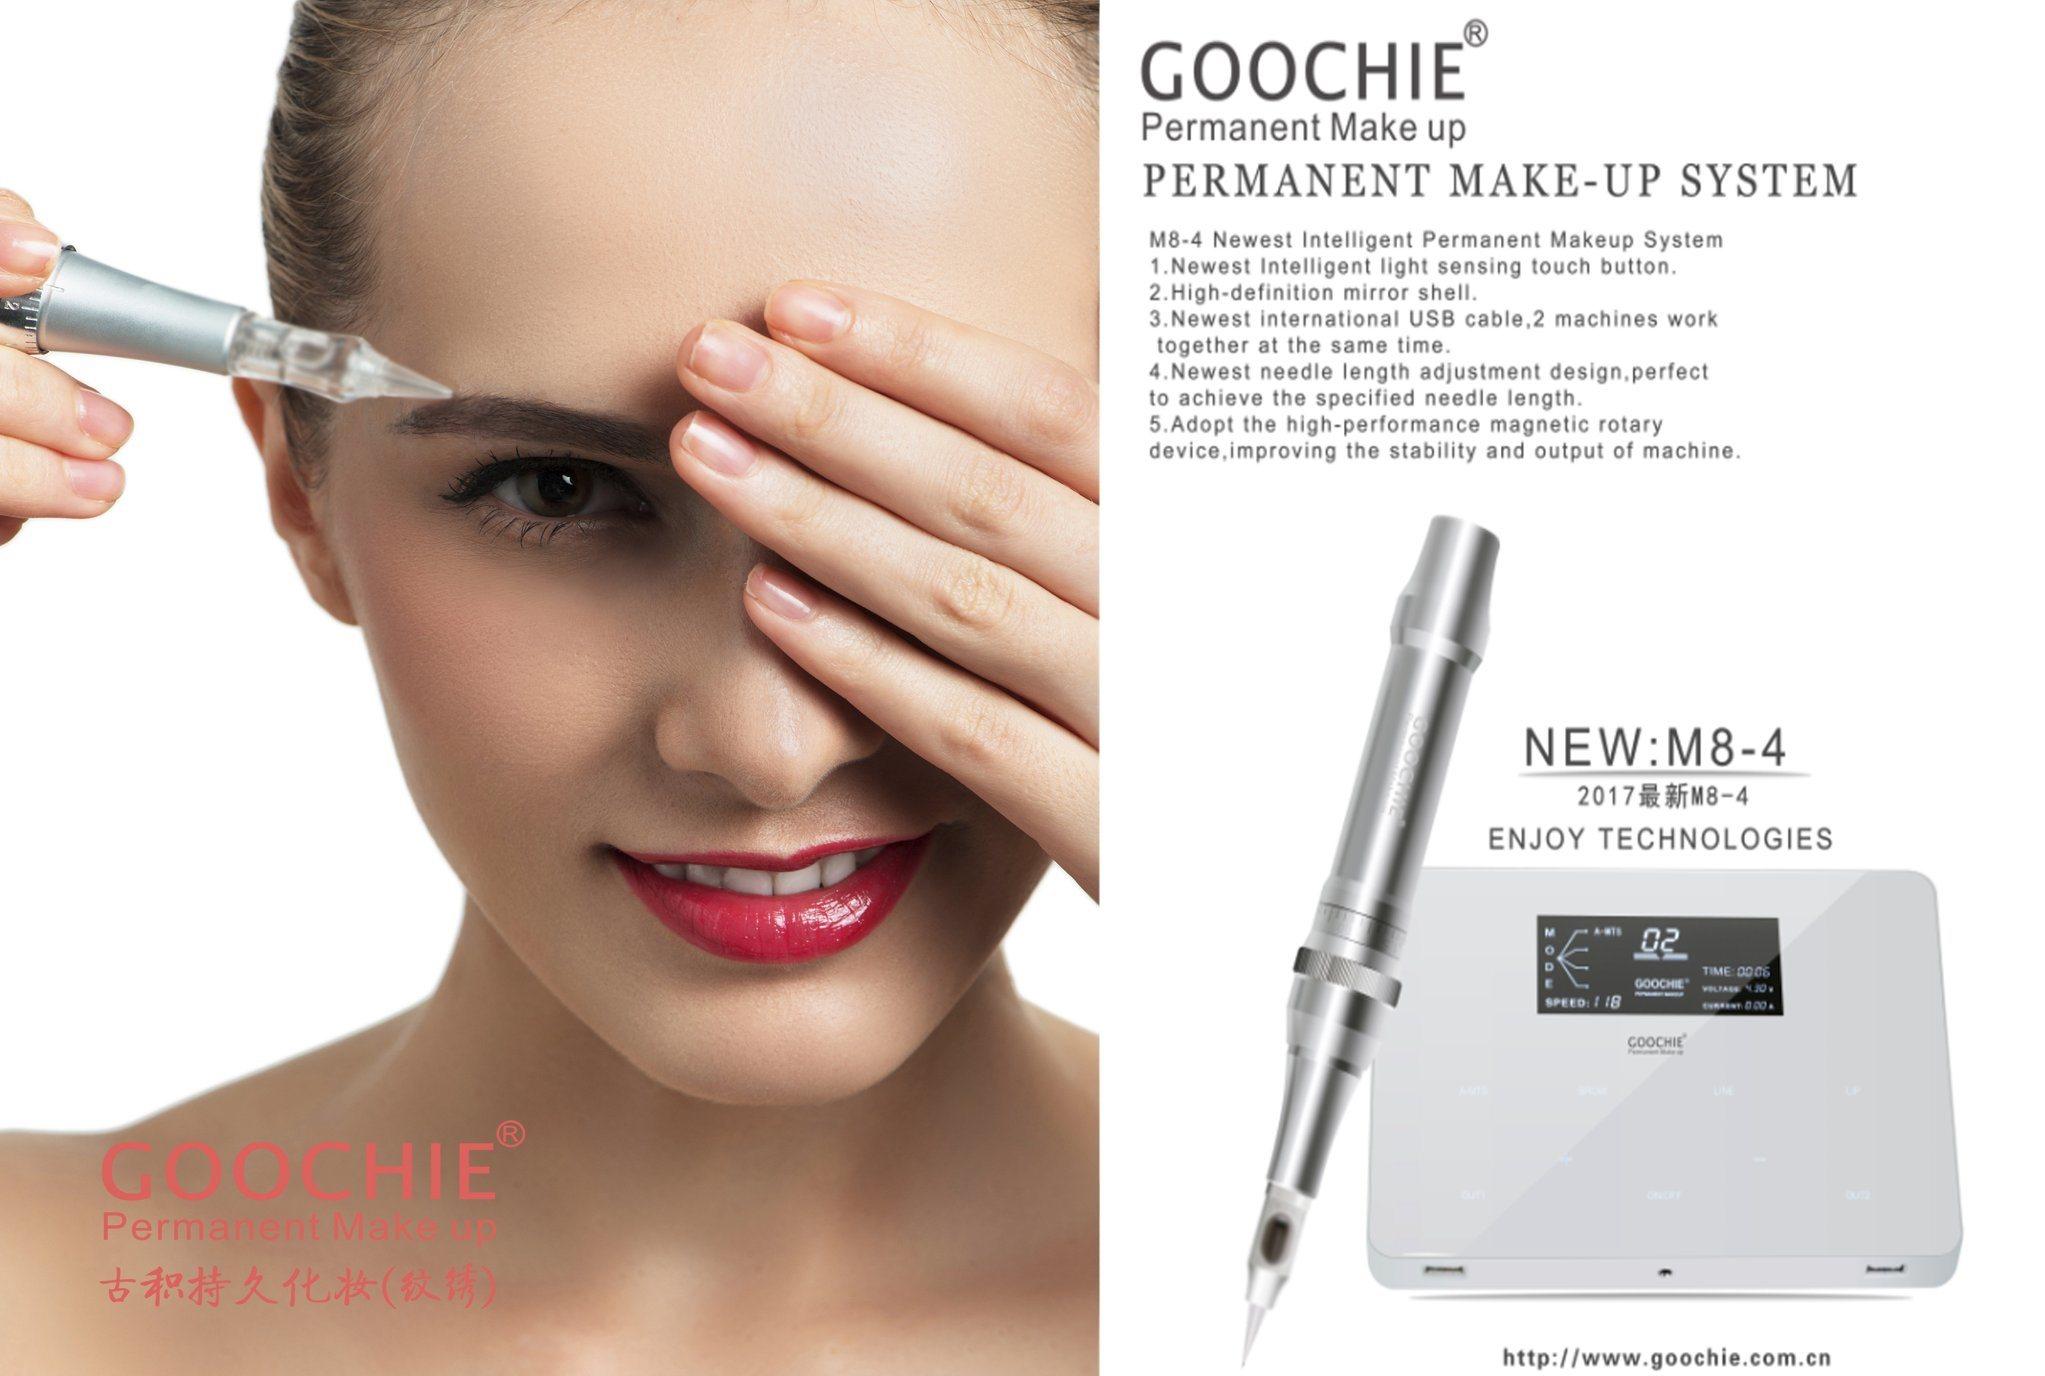 Goochie для перманентного макияжа отзывы